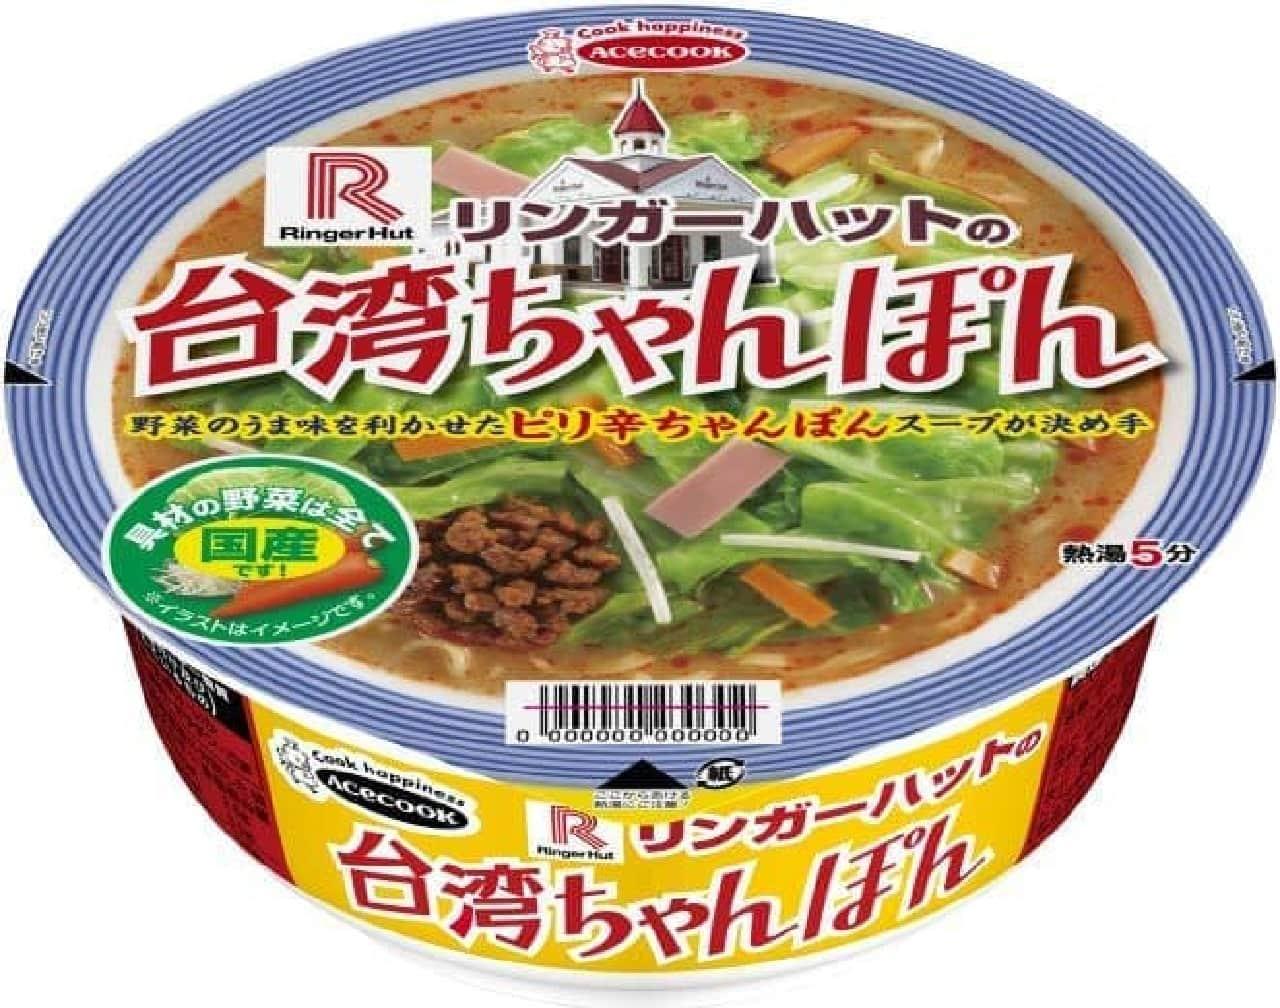 「台湾ちゃんぽん」は「台湾ラーメン」をちゃんぽんにアレンジしたカップ麺